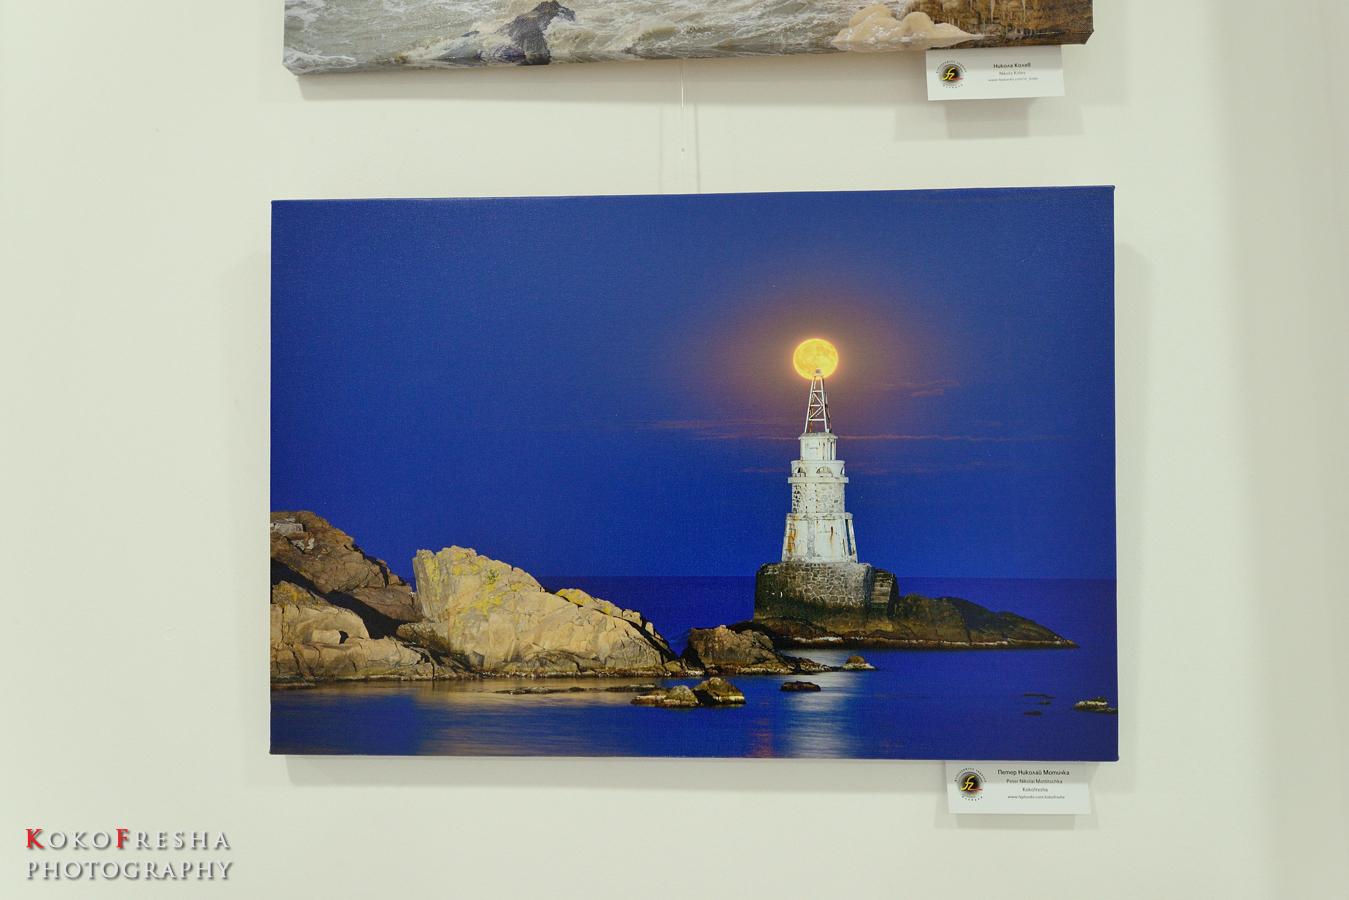 Фотографска задруга Пловдив - моите снимки в изложбата